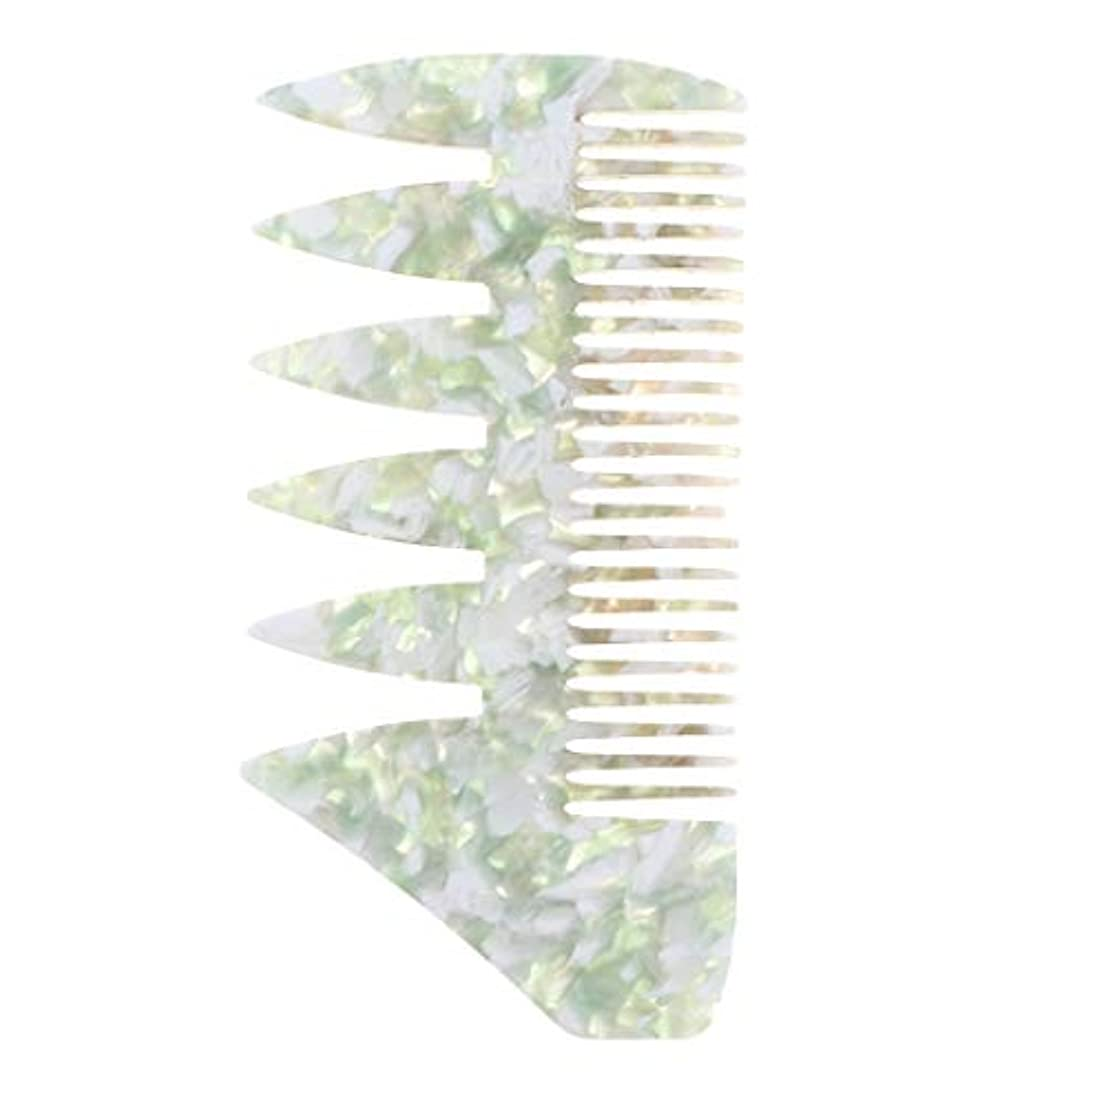 サリーフェザー男性 ヘアピックコーム サロン 広い歯 ヘアスタイリングコーム 全4色 - 緑